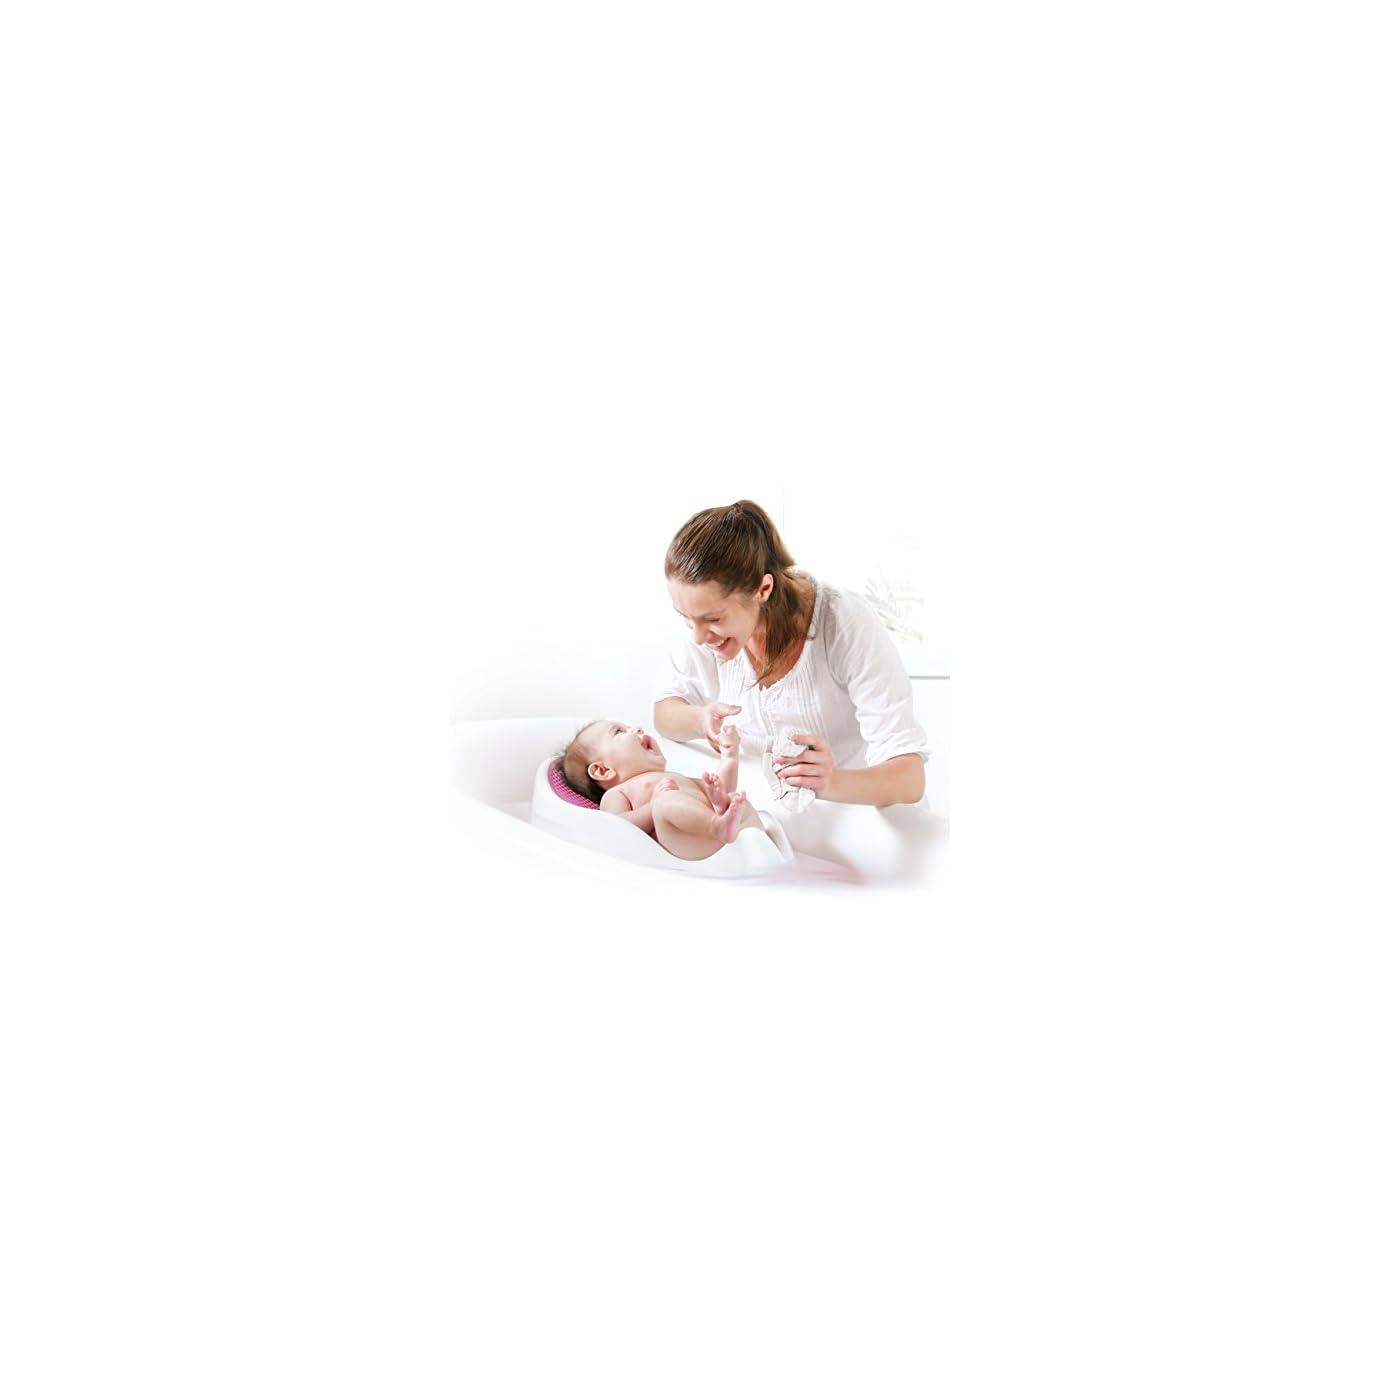 mamá bañando al bebé